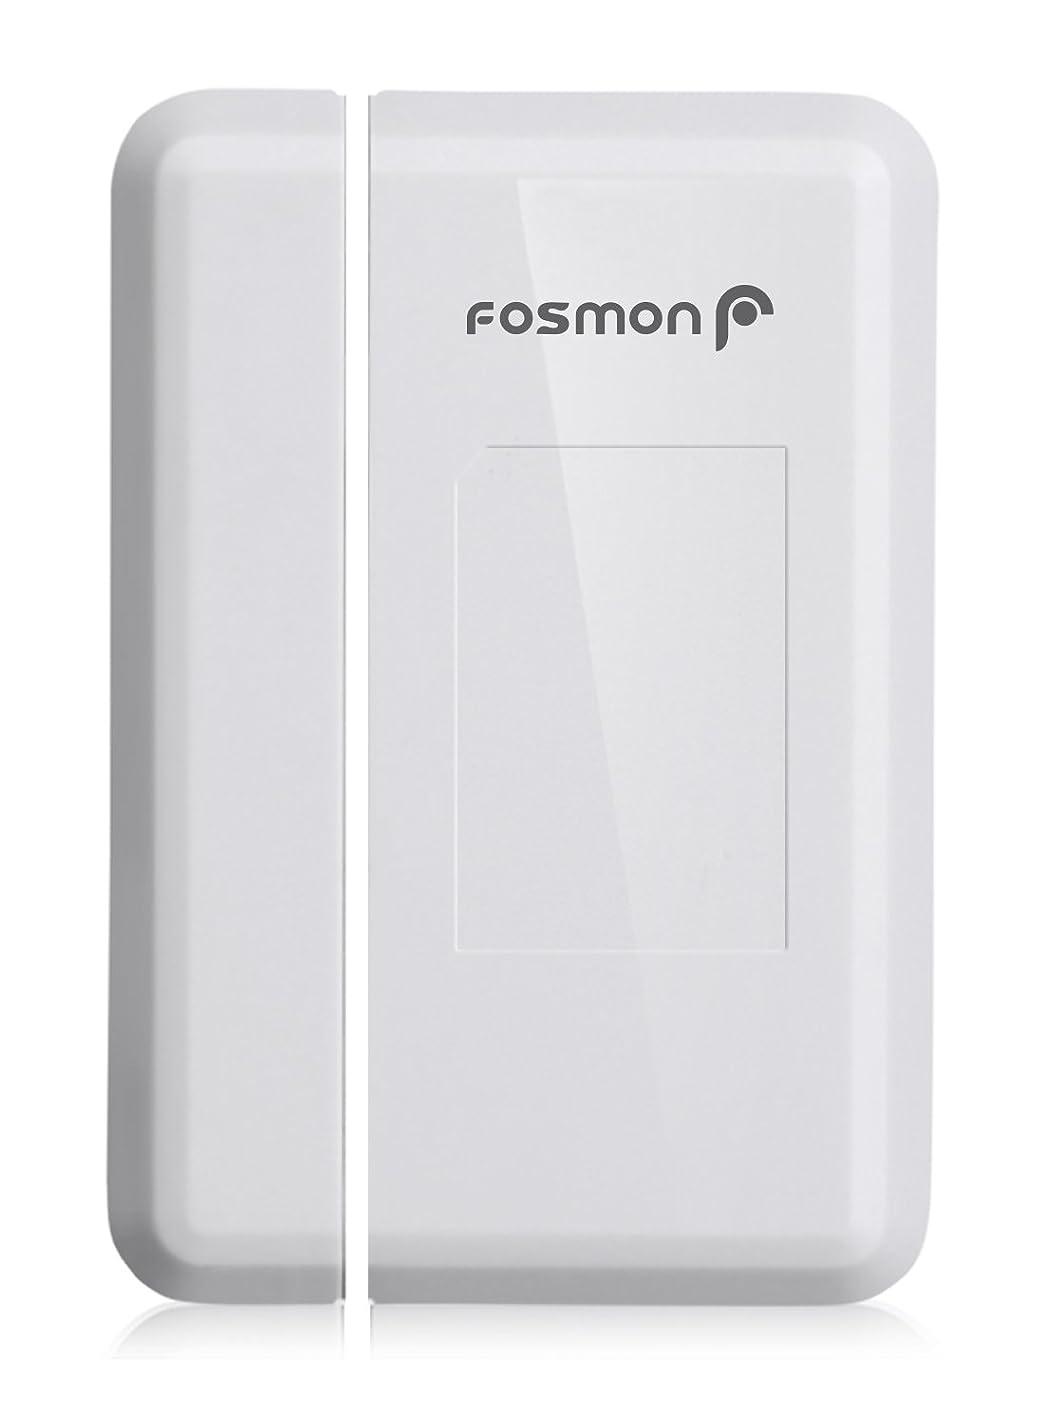 カイウスバリケードネズミFosmon 51018HOM ワイヤレス ドアチャイム ドアベル 送信機 (マグネットドア玄関チャイムセンサー | バッテリ駆動 | LEDライト) 送信機1個 (受信機 含まれていない)